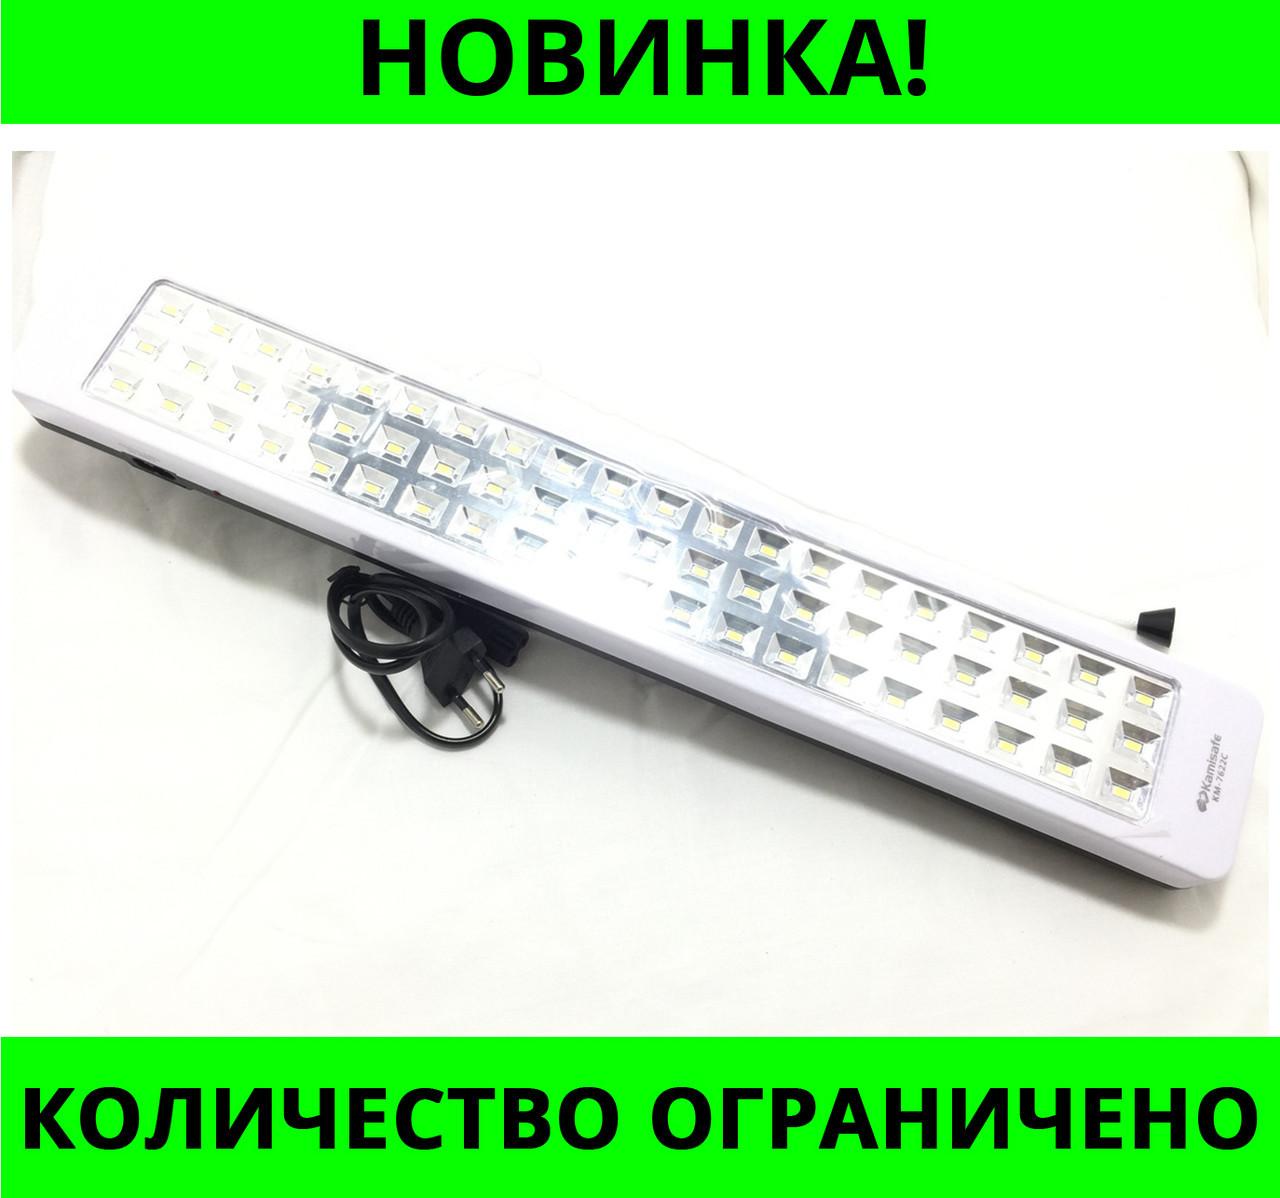 Светодиодная лампа фонарь Kamisafe KM-7622C!Розница и Опт